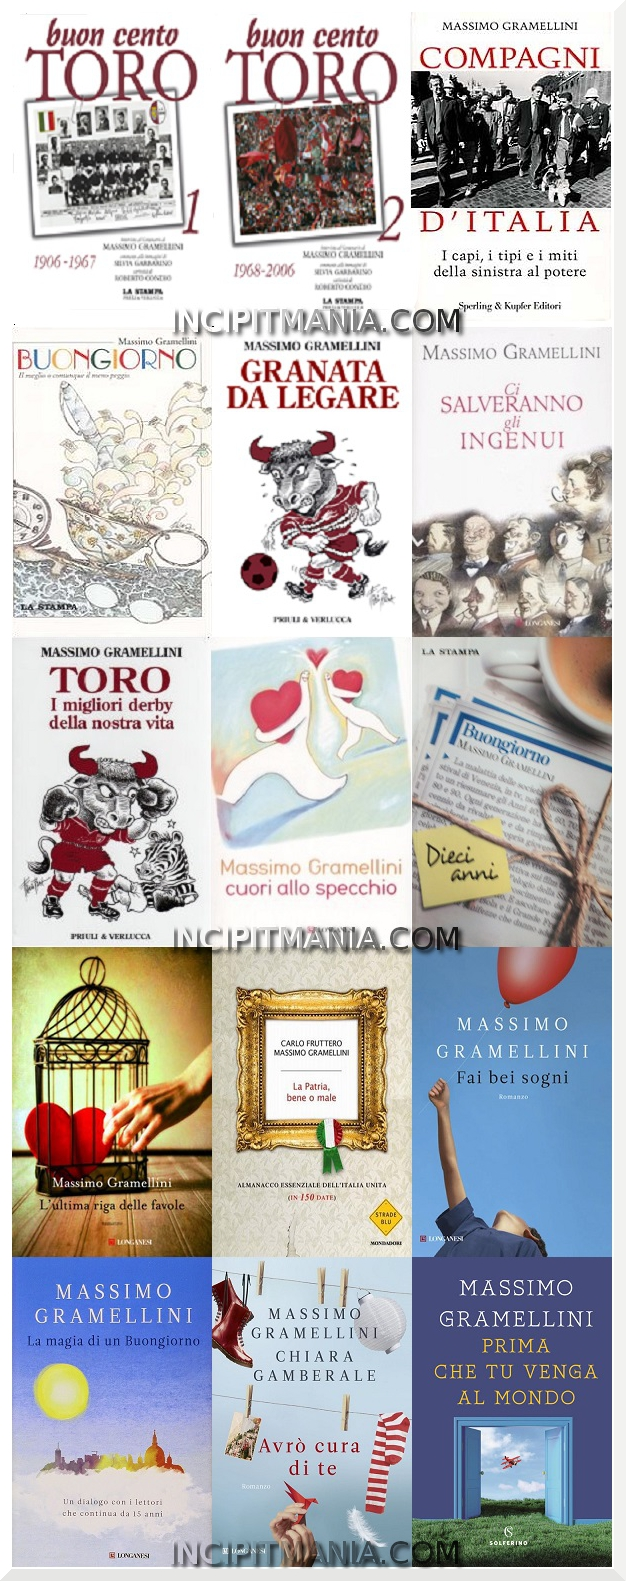 Copertine delle opere di Massimo Gramellini